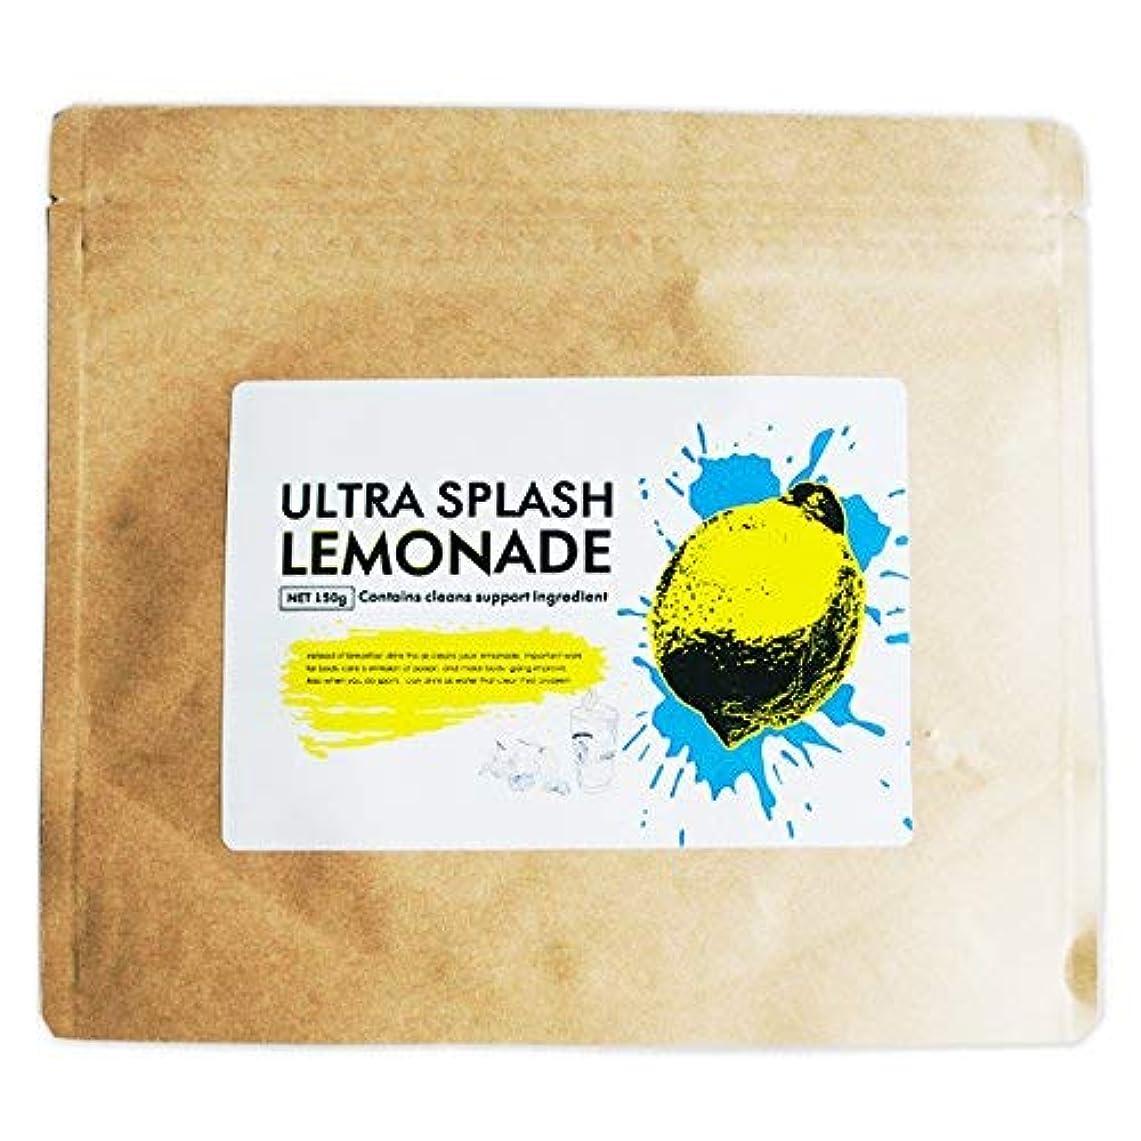 変換ルビー不条理炭酸 レモネード クレンズジュース 7億5千個の乳酸菌 フォルスコリ デキストリン キャンドルブッシュ 172種類の 酵素 配合 150g by ULTRA SPLASH